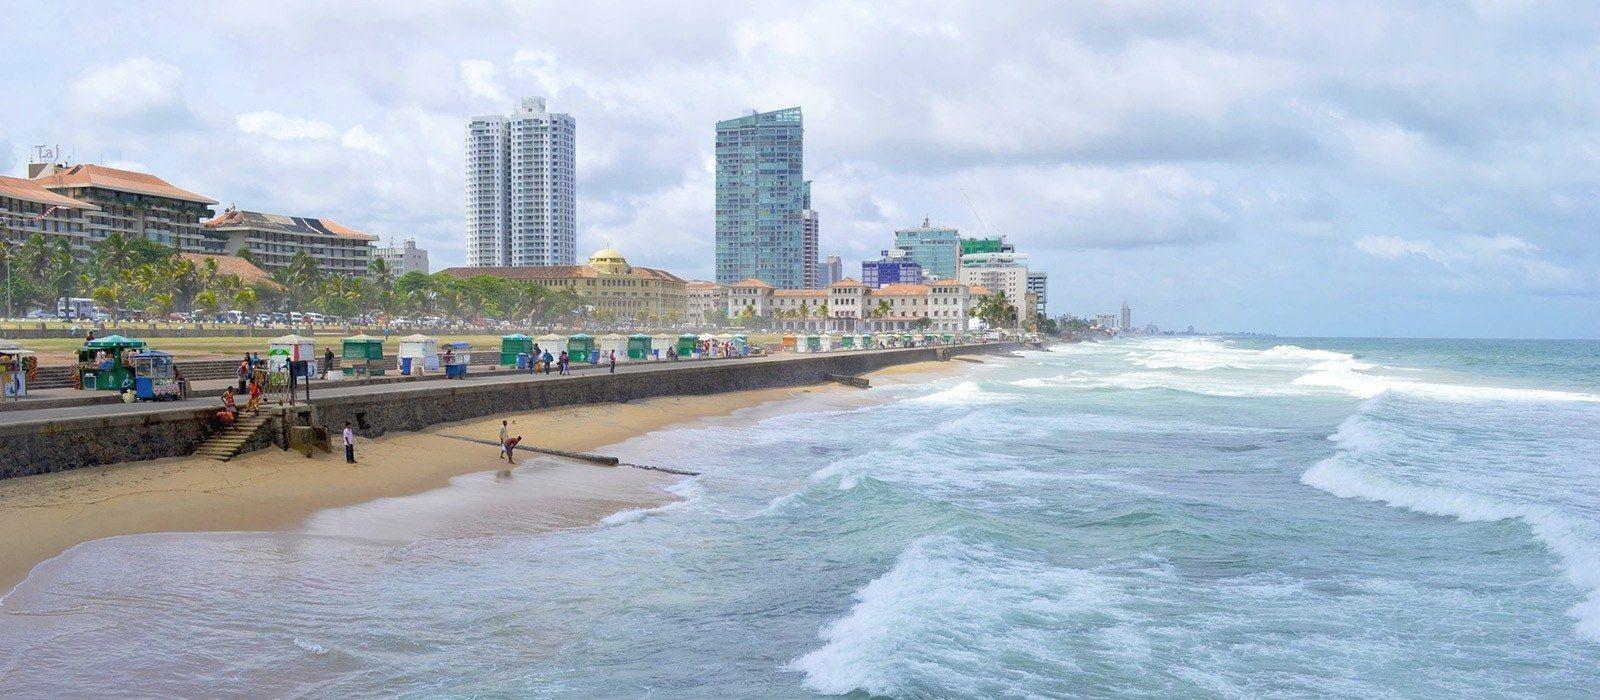 Sri Lanka's Wild Side & Blissful Beaches Tour Trip 4